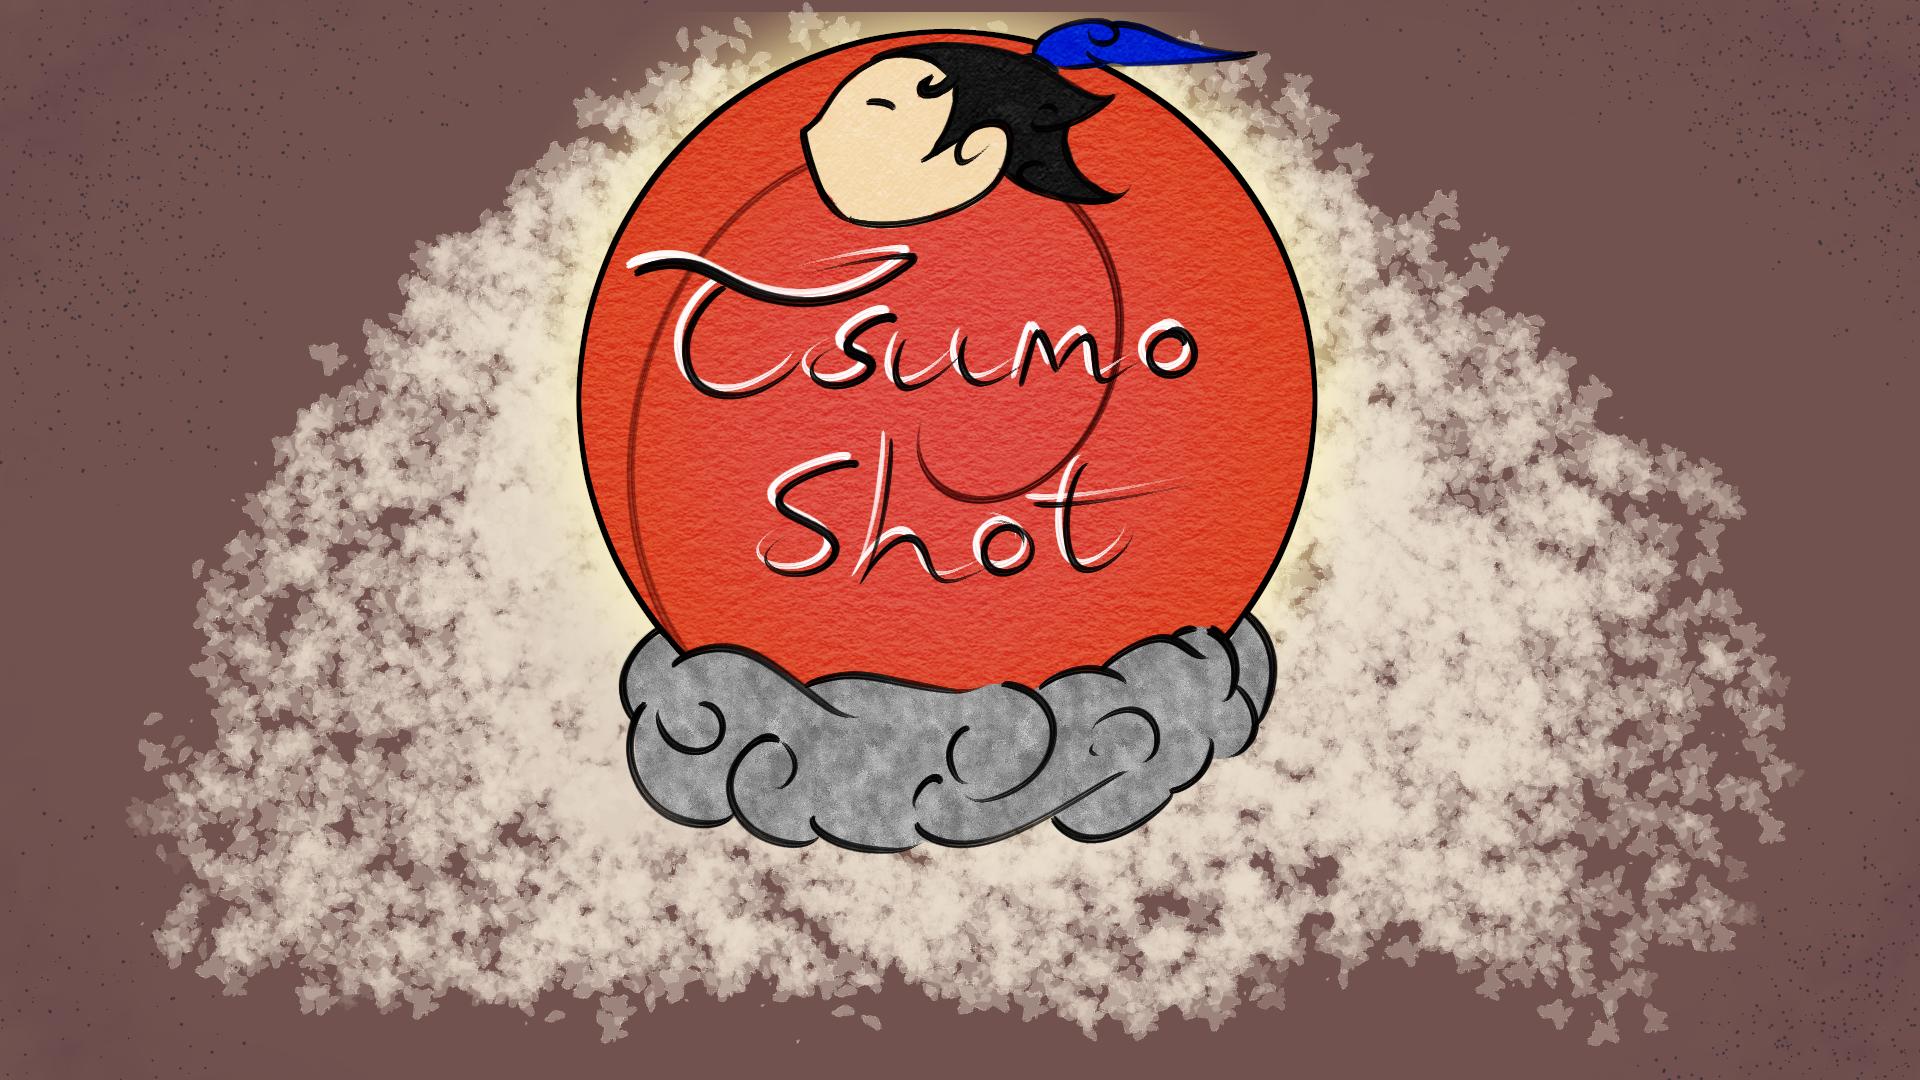 Tsumo Shot